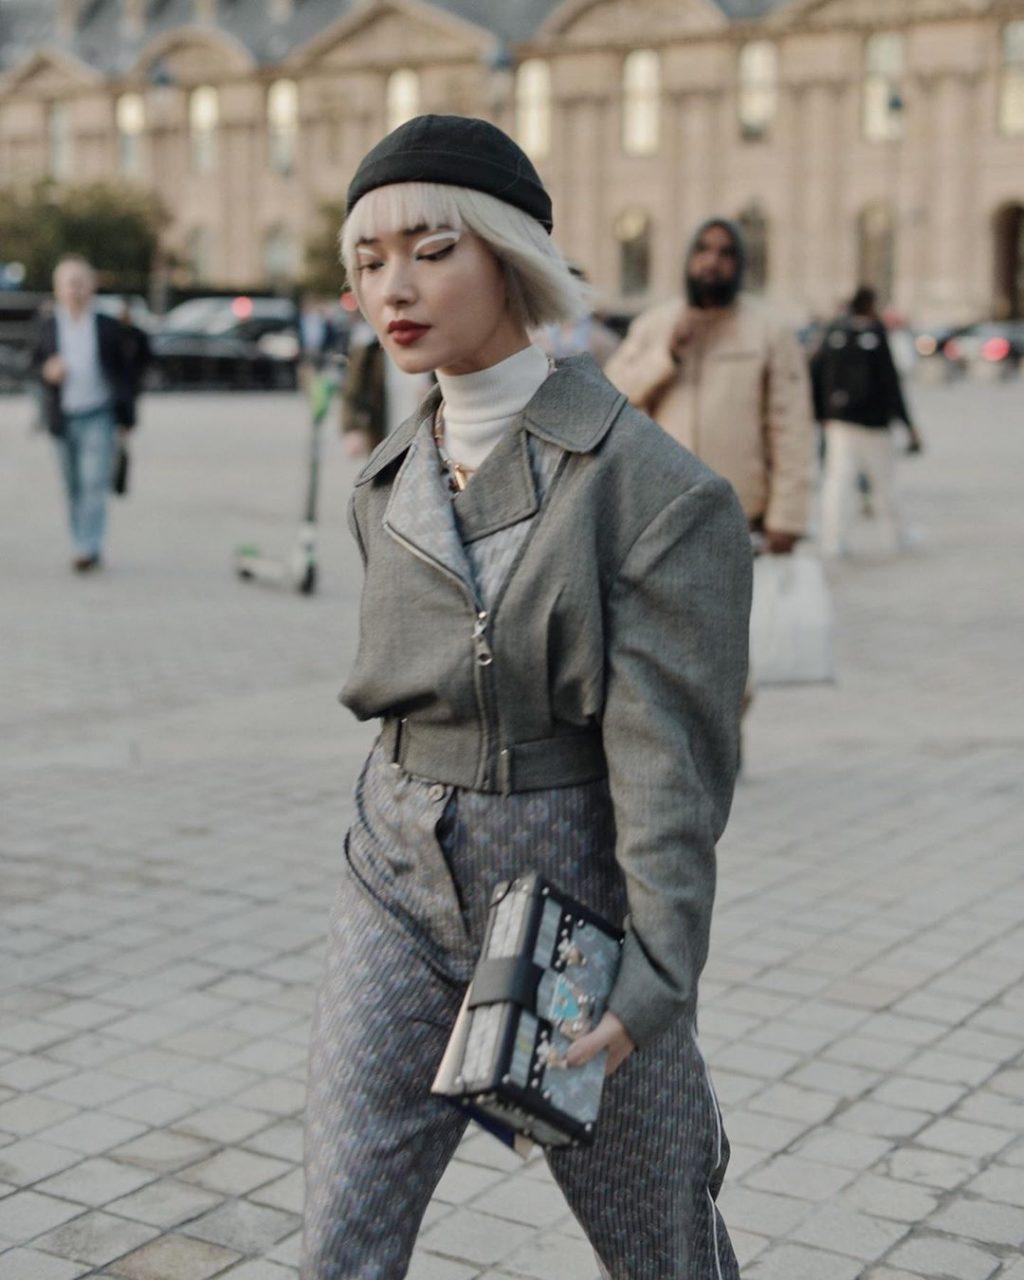 Châu Bùi tại show Louis Vuitton Xuân - Hè 2020 tại tuần lễ thời trang paris